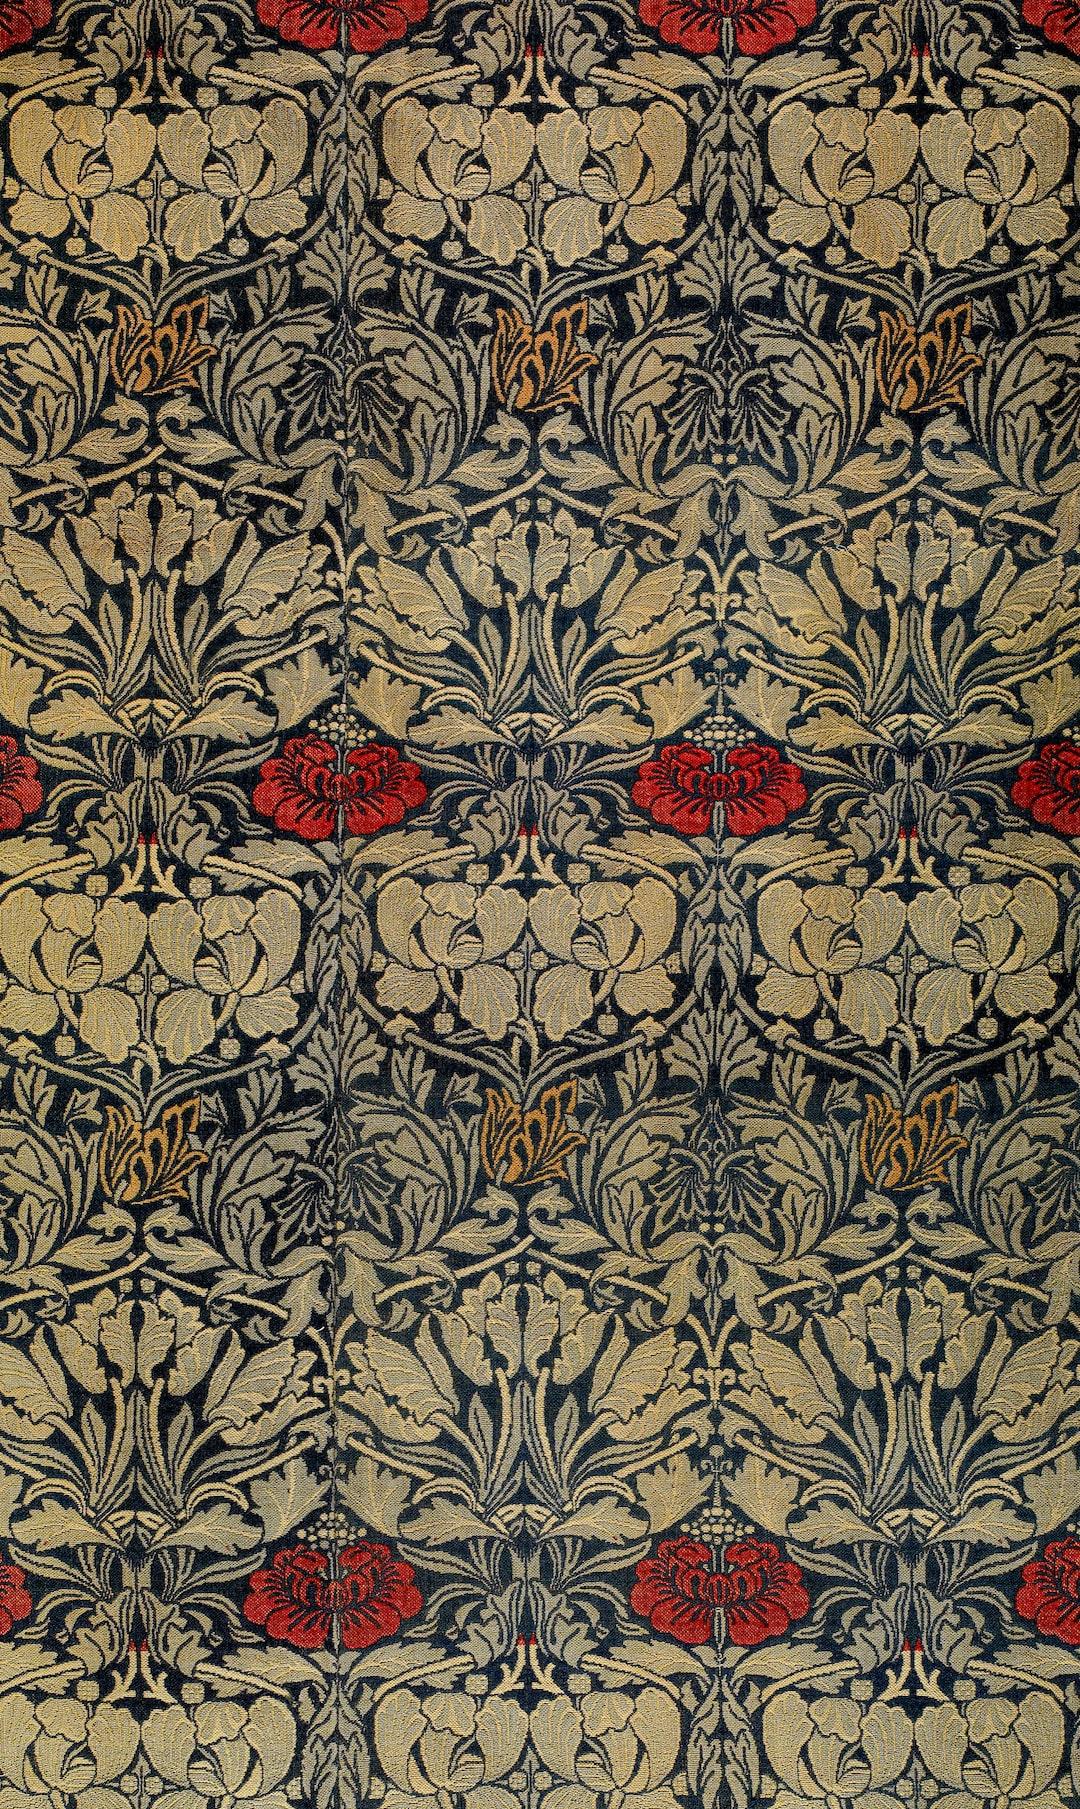 Woven Curtain Fabric - Tulip and Rose, 1876. Designer: William Morris. Manufacturer: Morris & Co.